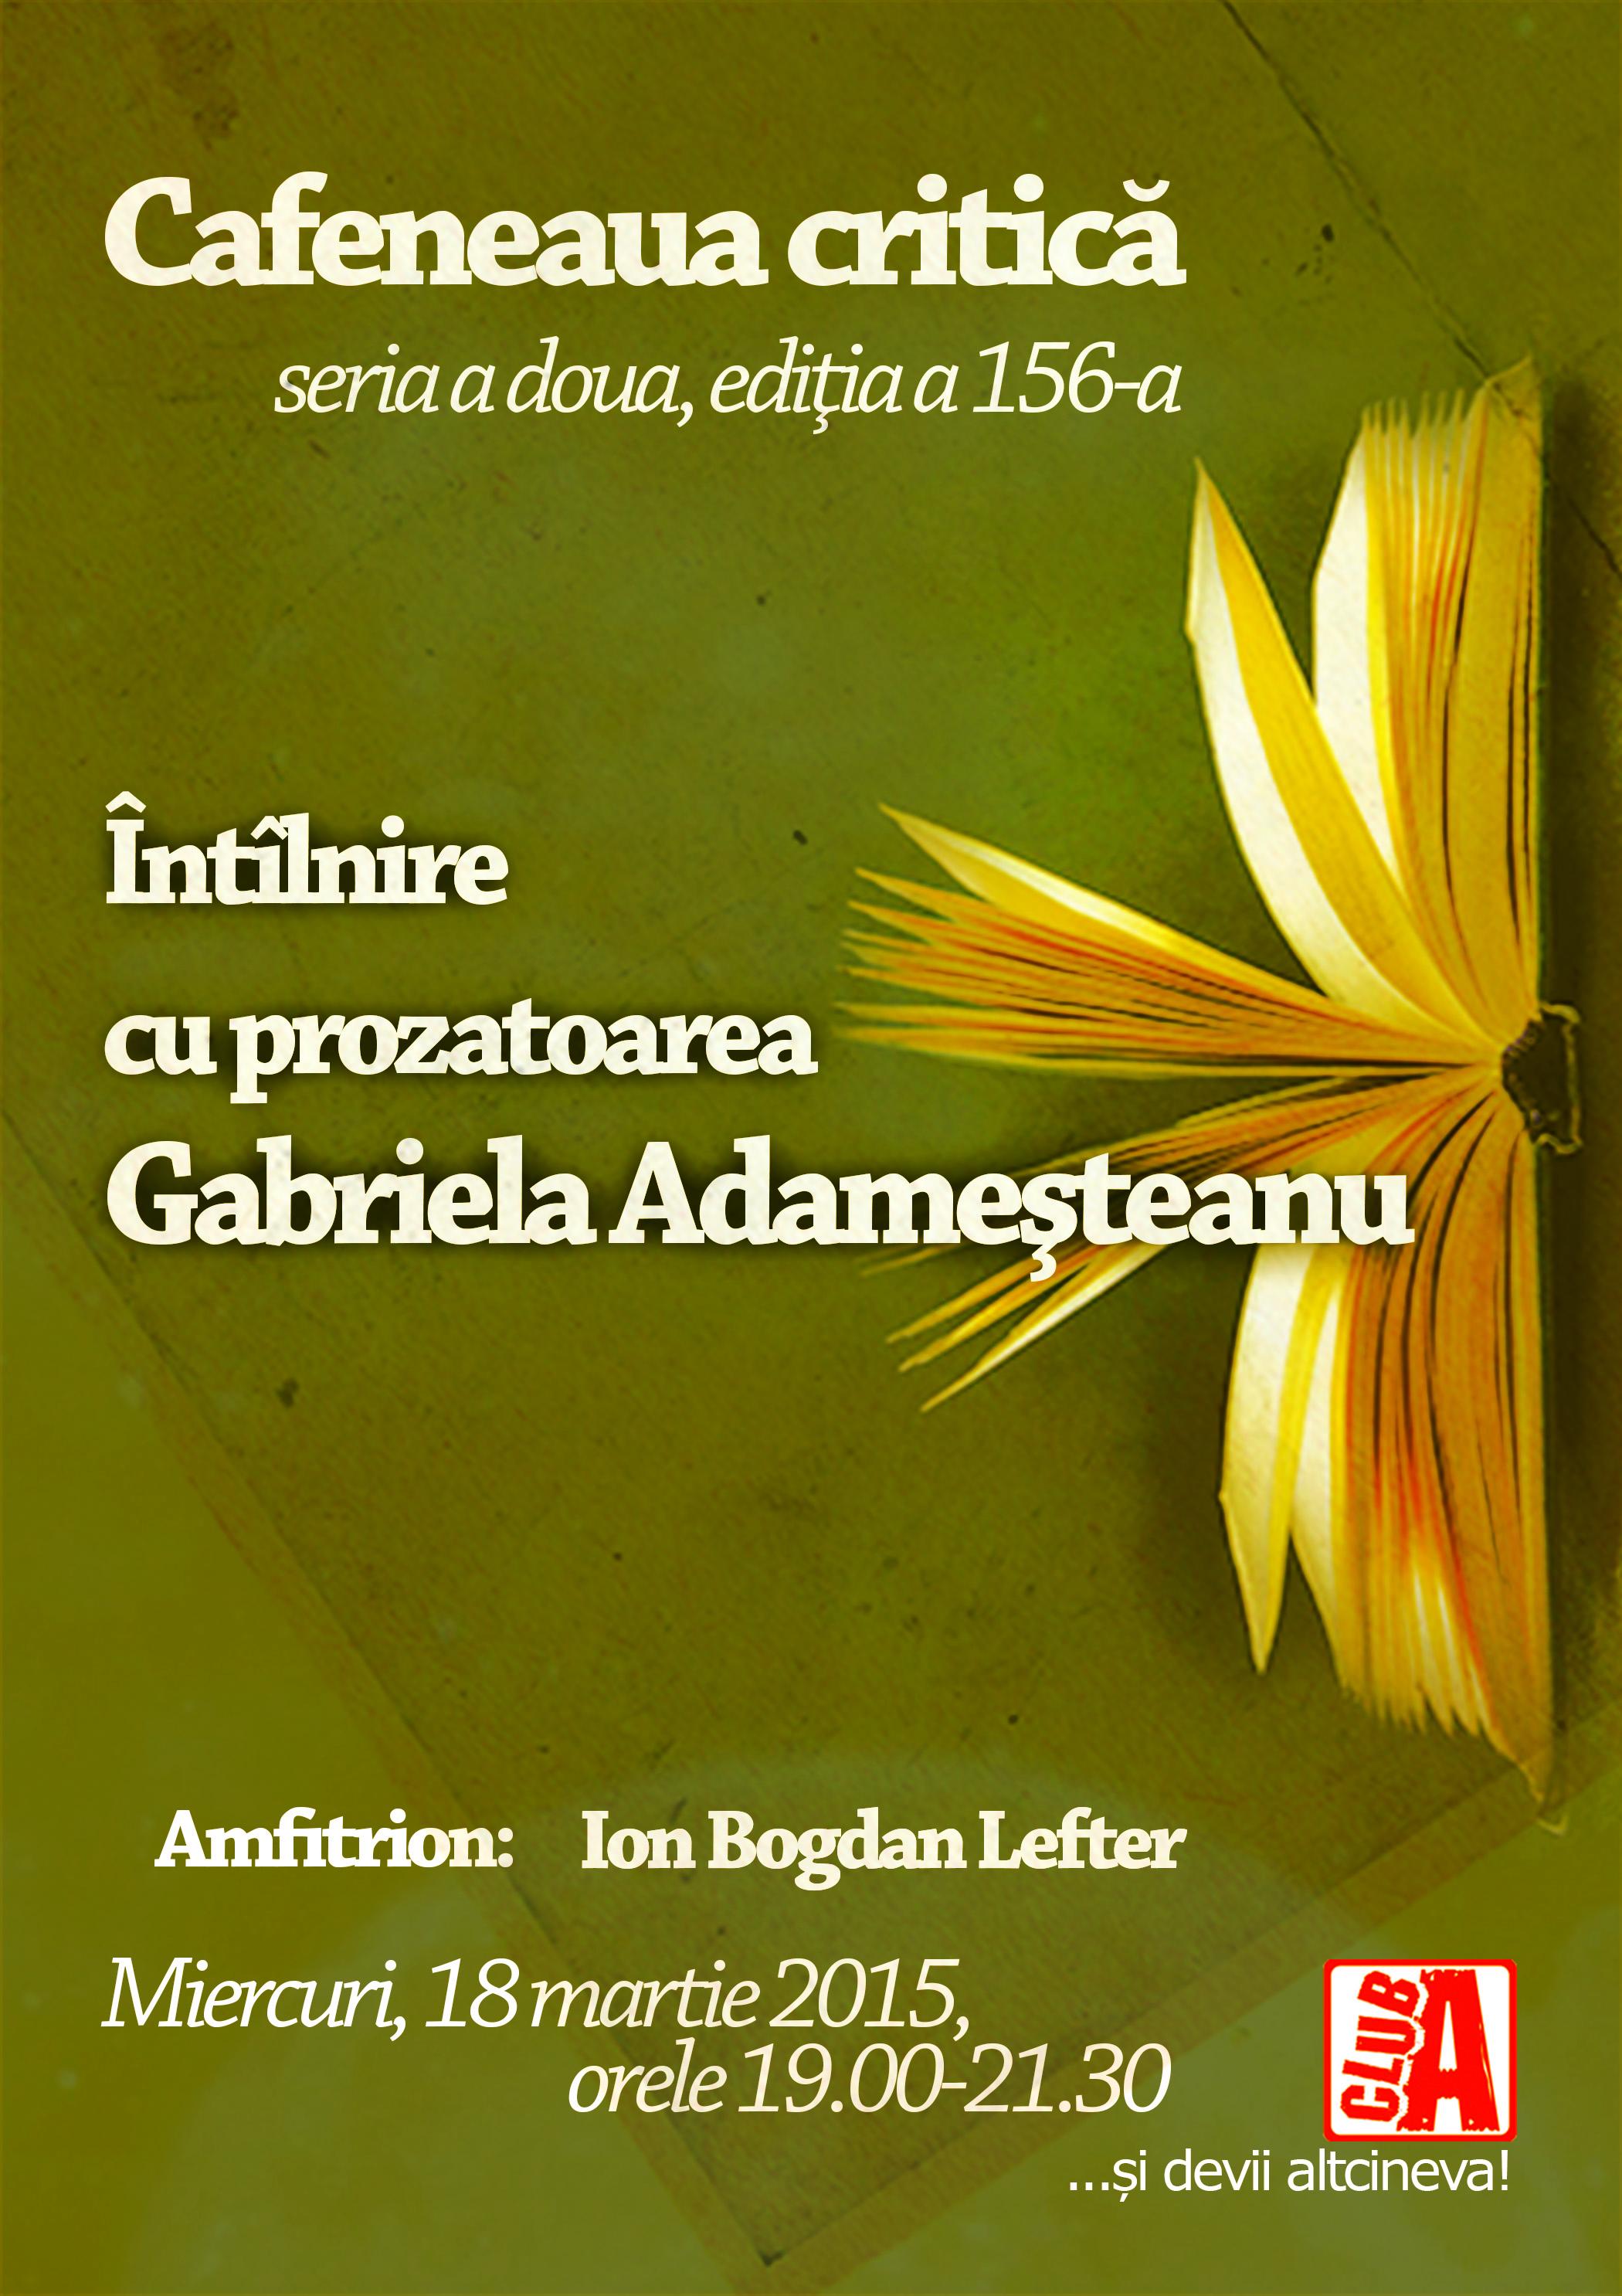 Cafeneaua critica 156 Gabriela Adamesteanu AFIS